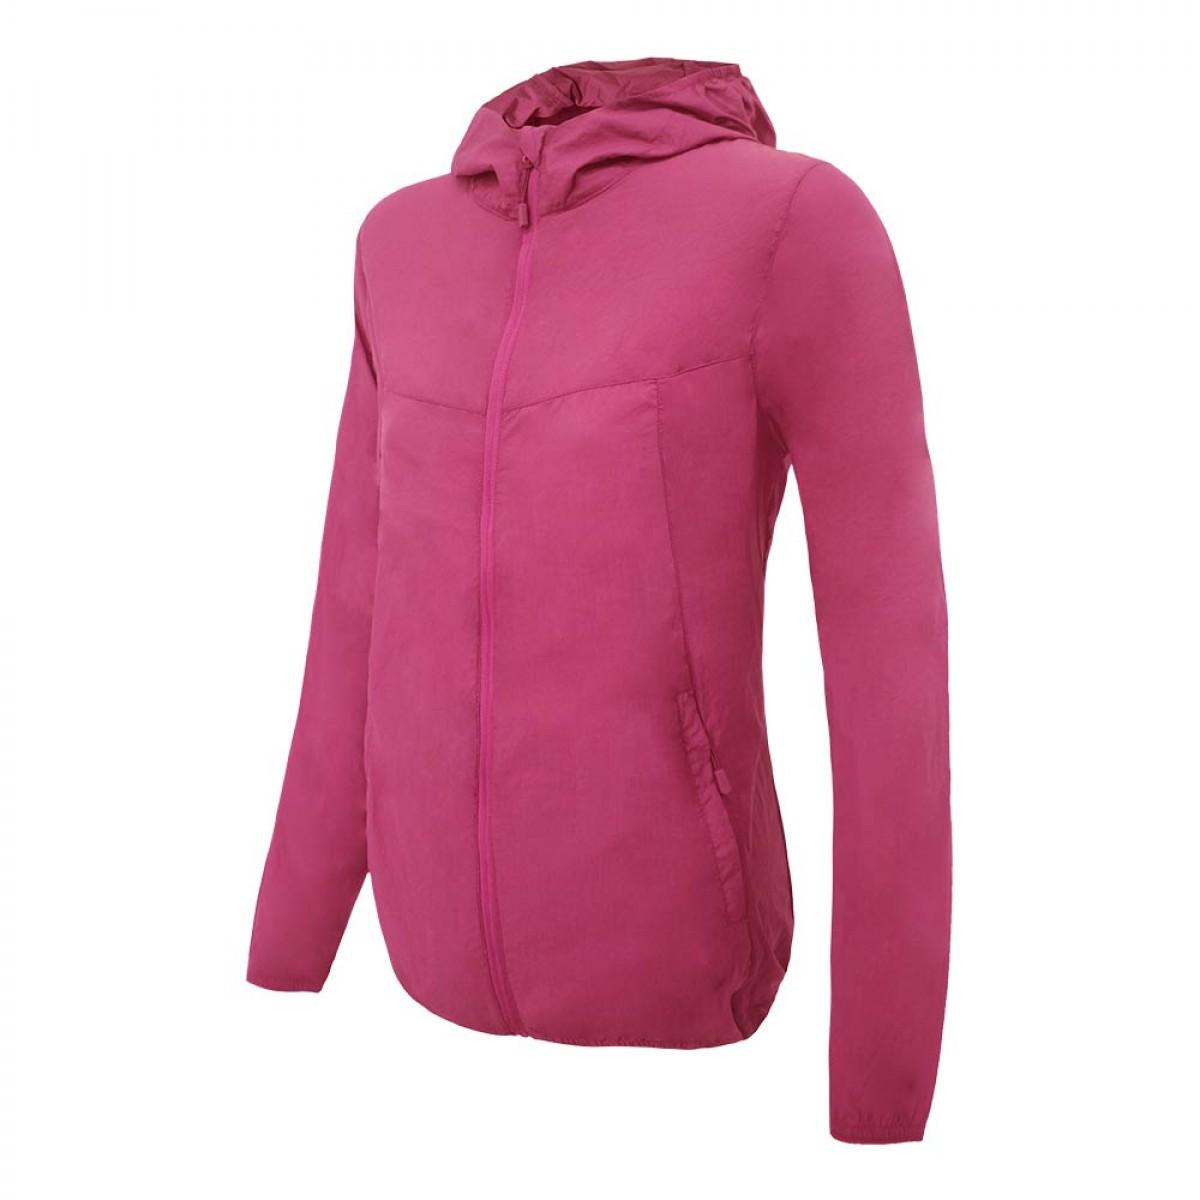 women-taffeta-windcheater-jacketktwj16103-2a